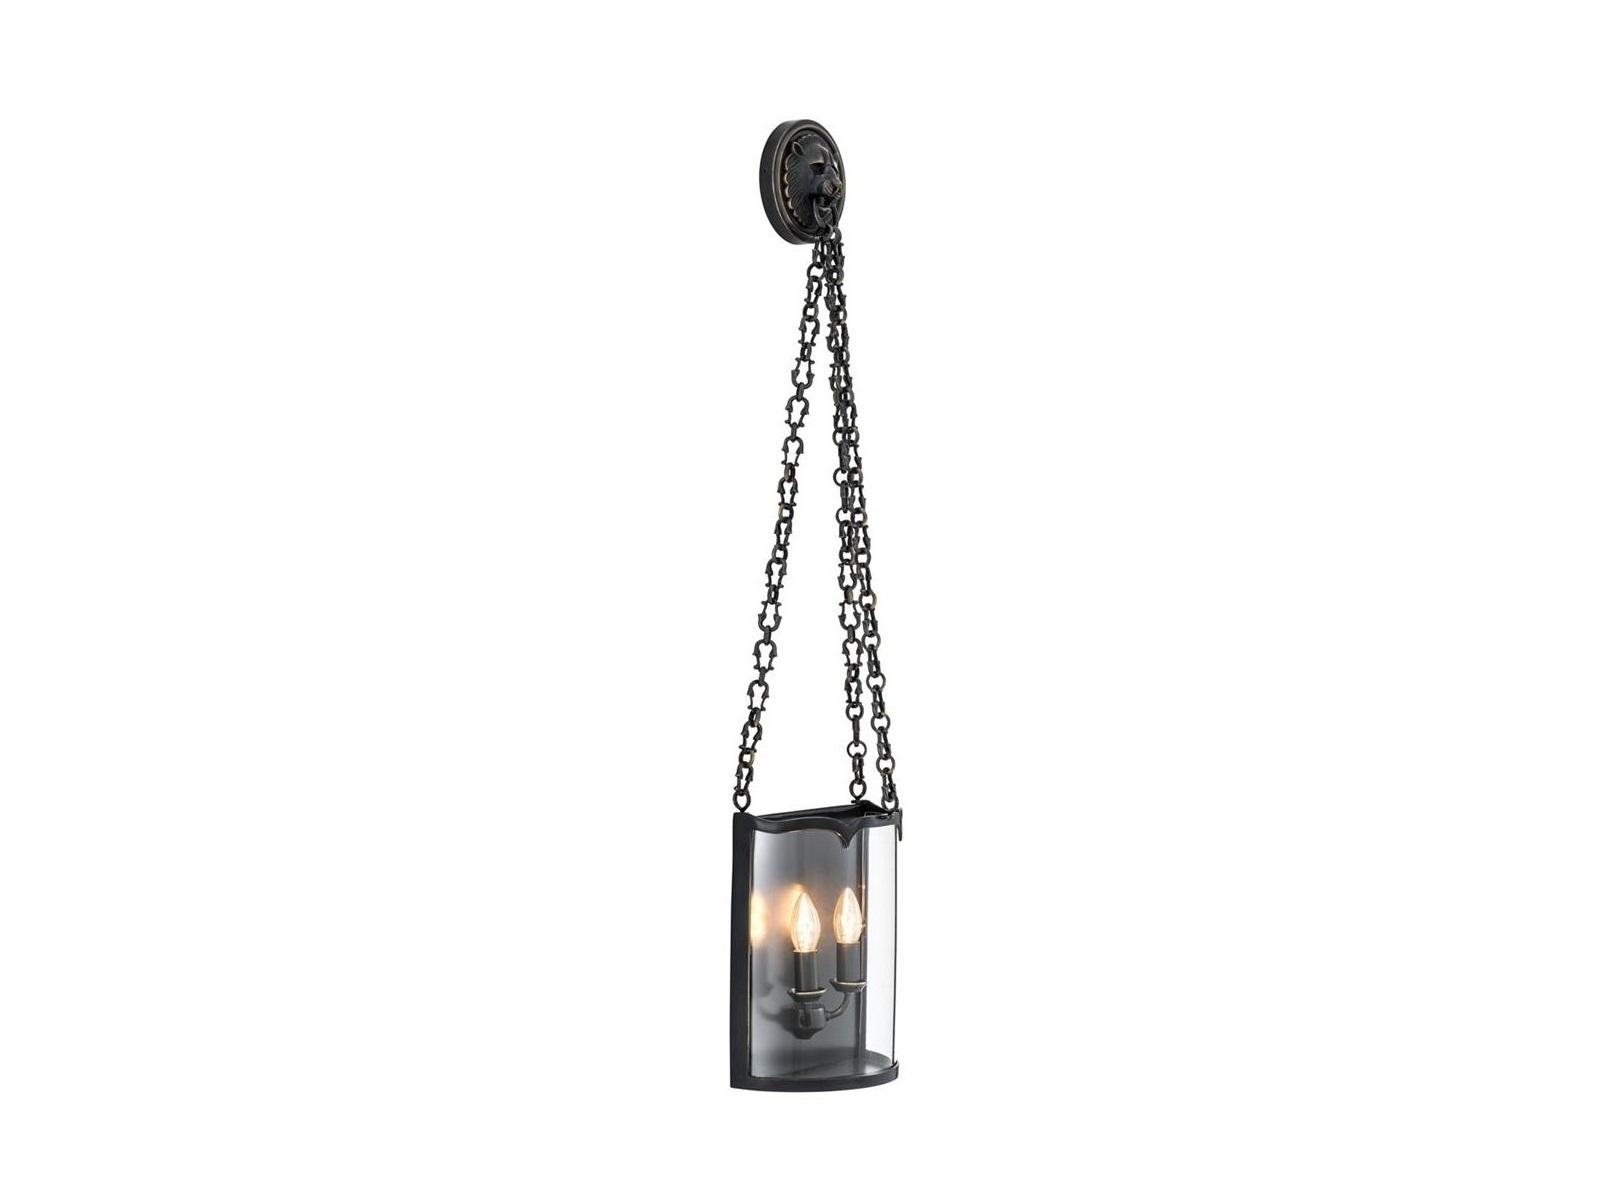 Настенный светильникБра<br>Настенный светильник Wall Lamp Giuliana выполнен из металла цвета пушечная бронза. Плафон из прозрачного стекла свисает на декоративной металлической цепи. Дизайн ламп в виде свечей в подсвечниках.&amp;lt;div&amp;gt;&amp;lt;br&amp;gt;&amp;lt;/div&amp;gt;&amp;lt;div&amp;gt;&amp;lt;div&amp;gt;Тип цоколя: E14&amp;lt;/div&amp;gt;&amp;lt;div&amp;gt;Мощность: 40W&amp;lt;/div&amp;gt;&amp;lt;div&amp;gt;Кол-во ламп: 2 (нет в комплекте)&amp;lt;/div&amp;gt;&amp;lt;/div&amp;gt;<br><br>Material: Металл<br>Width см: 26<br>Depth см: 3<br>Height см: 110